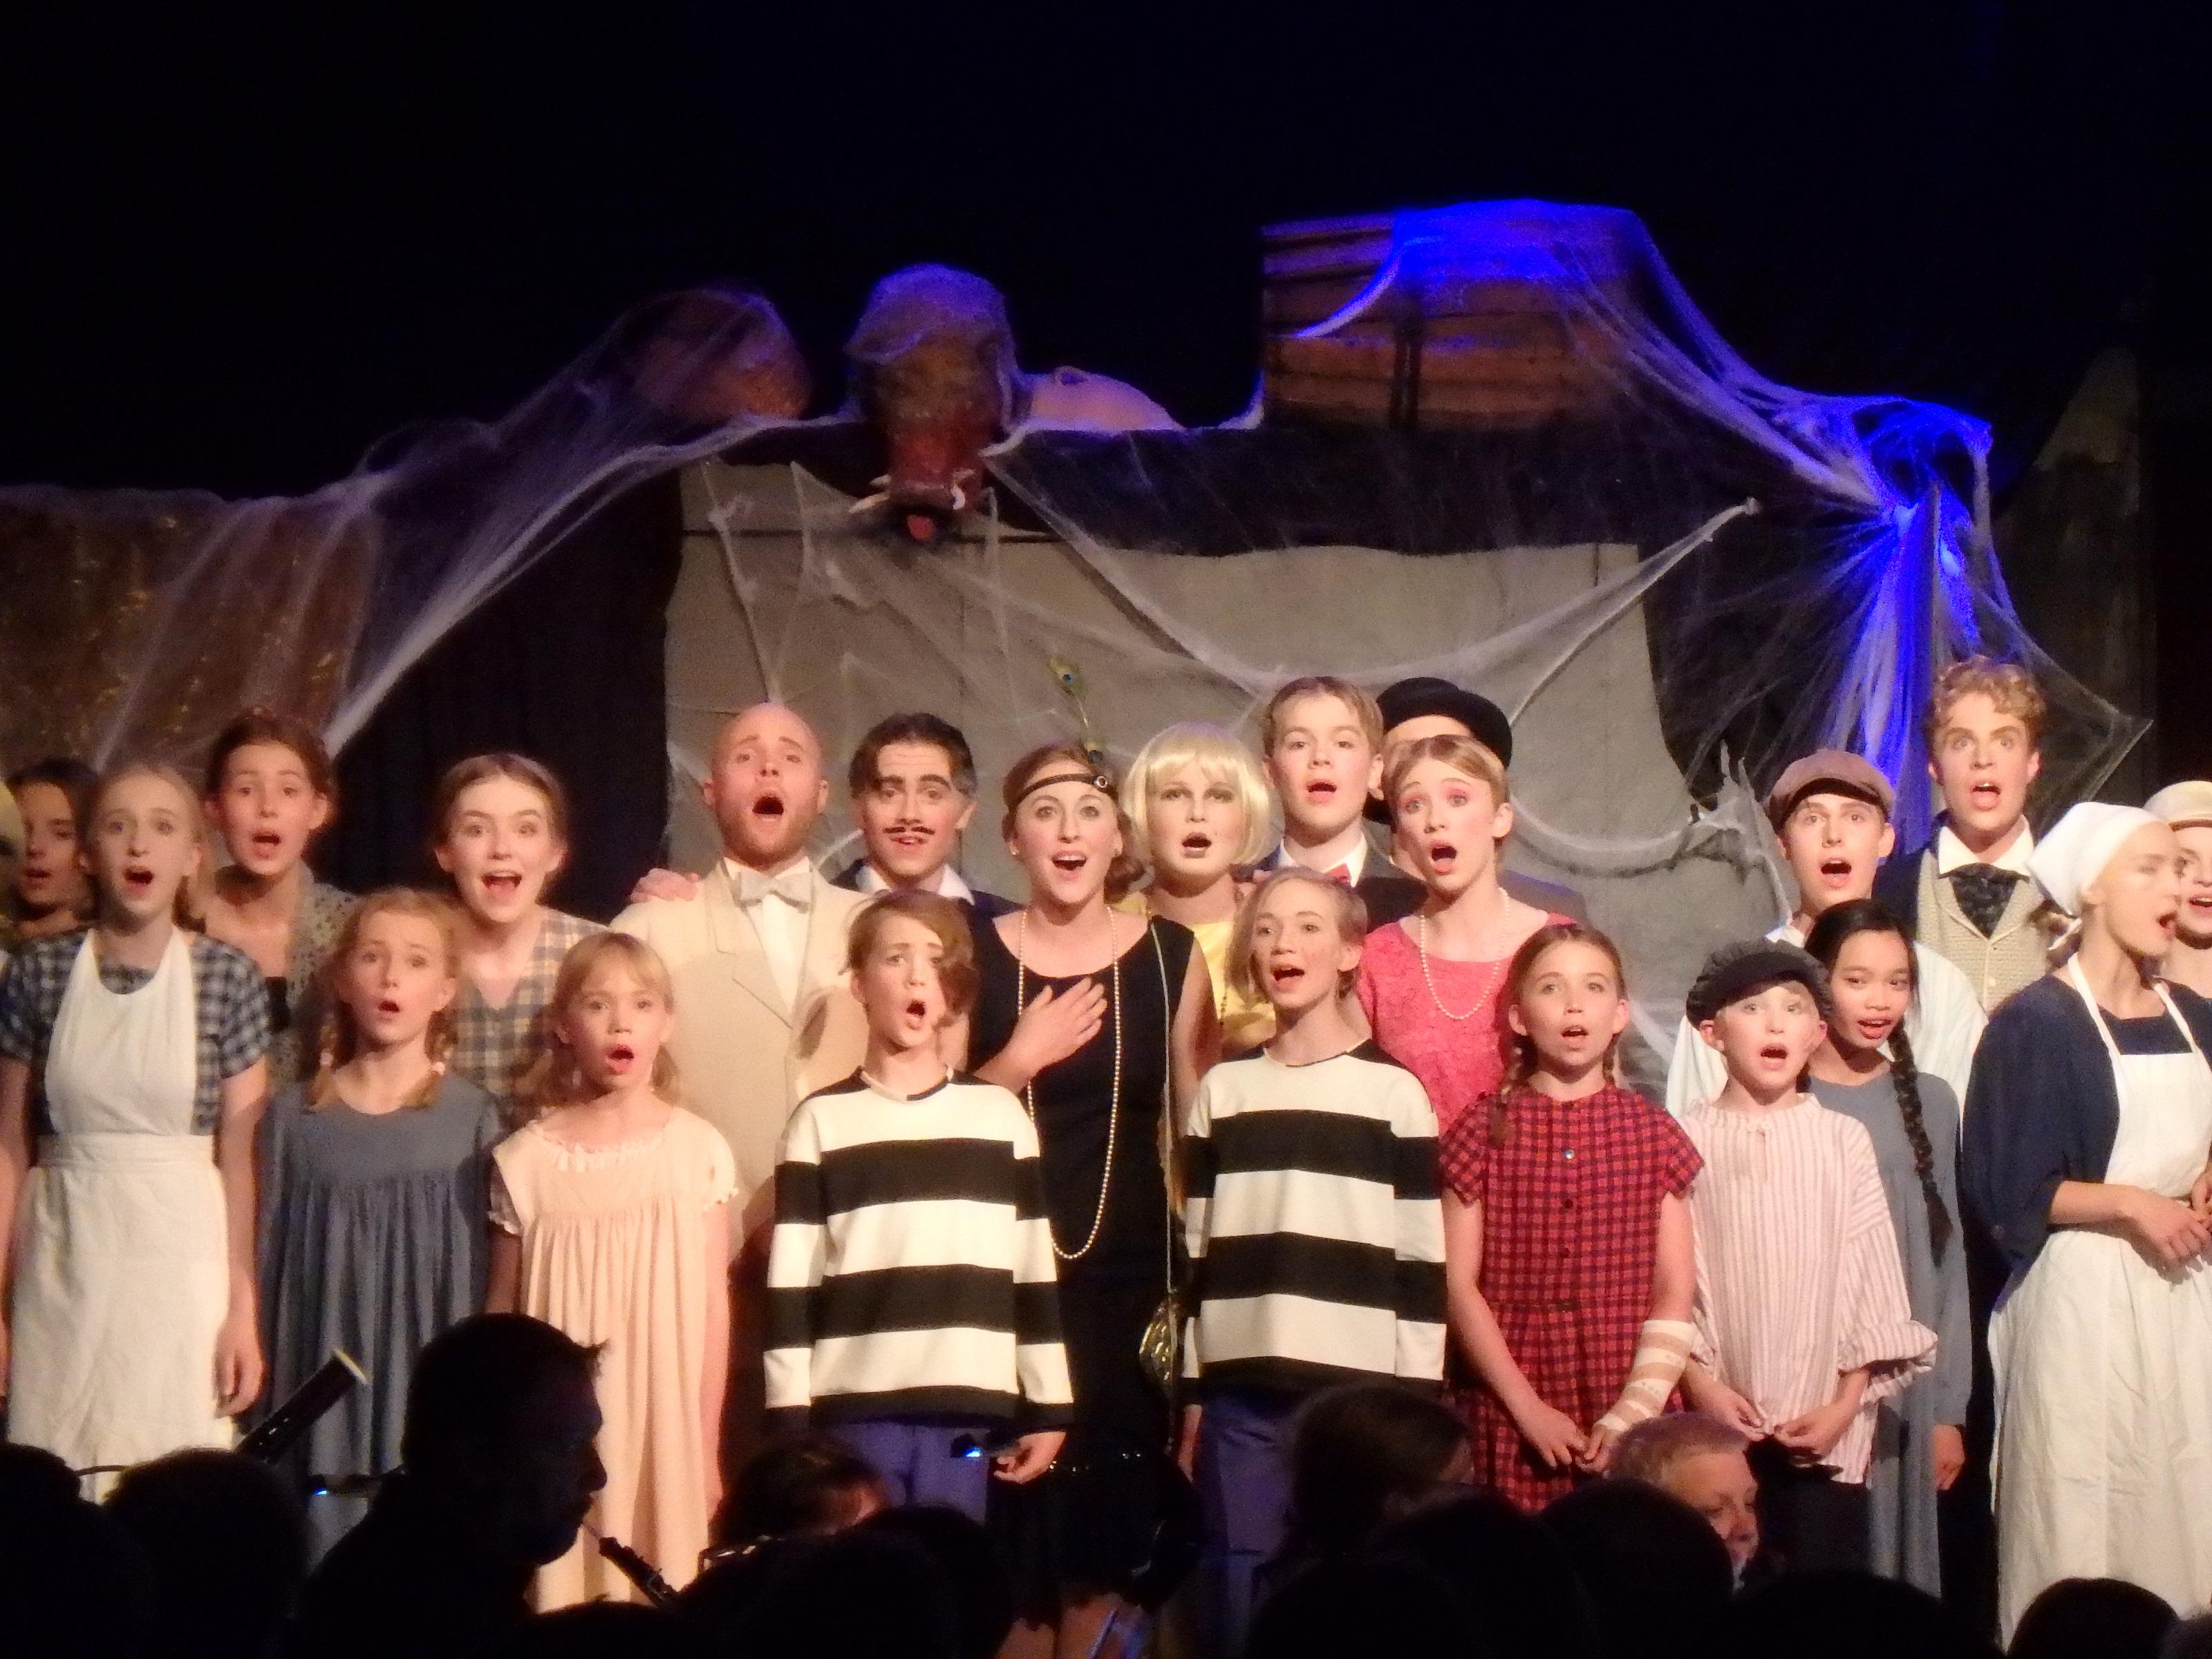 Lyckligt slut och alla sjunger ut på scenen... - Foto: Belinda Graham